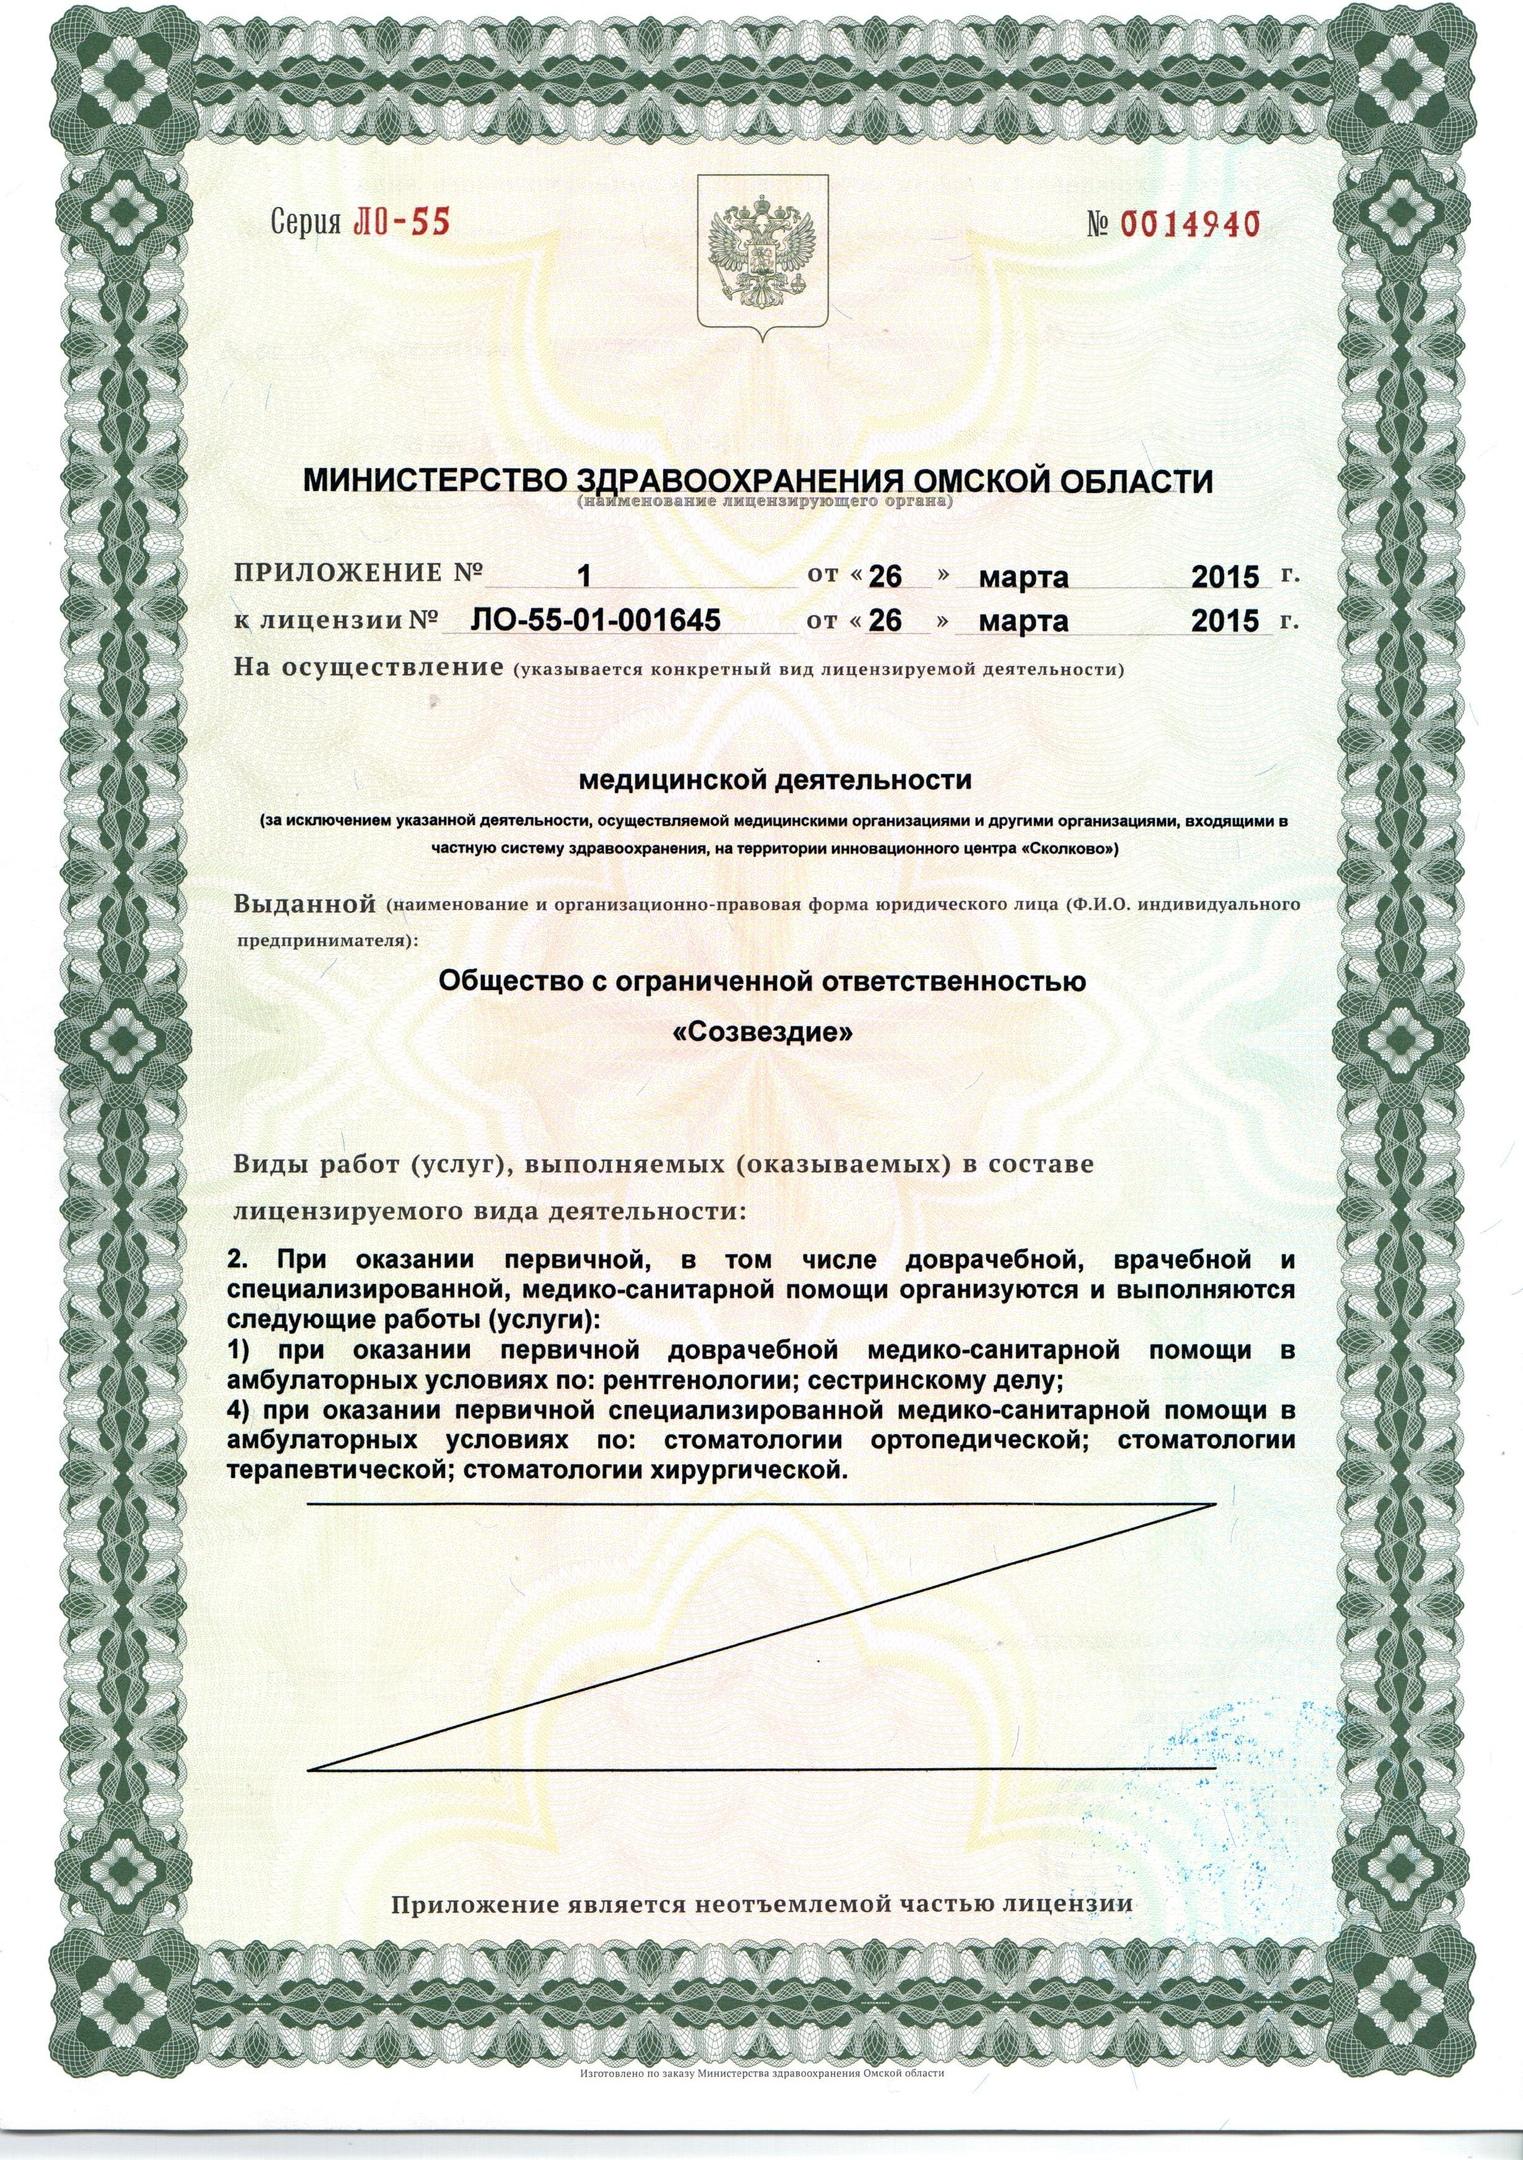 Лицензия приложение 1 стр 1